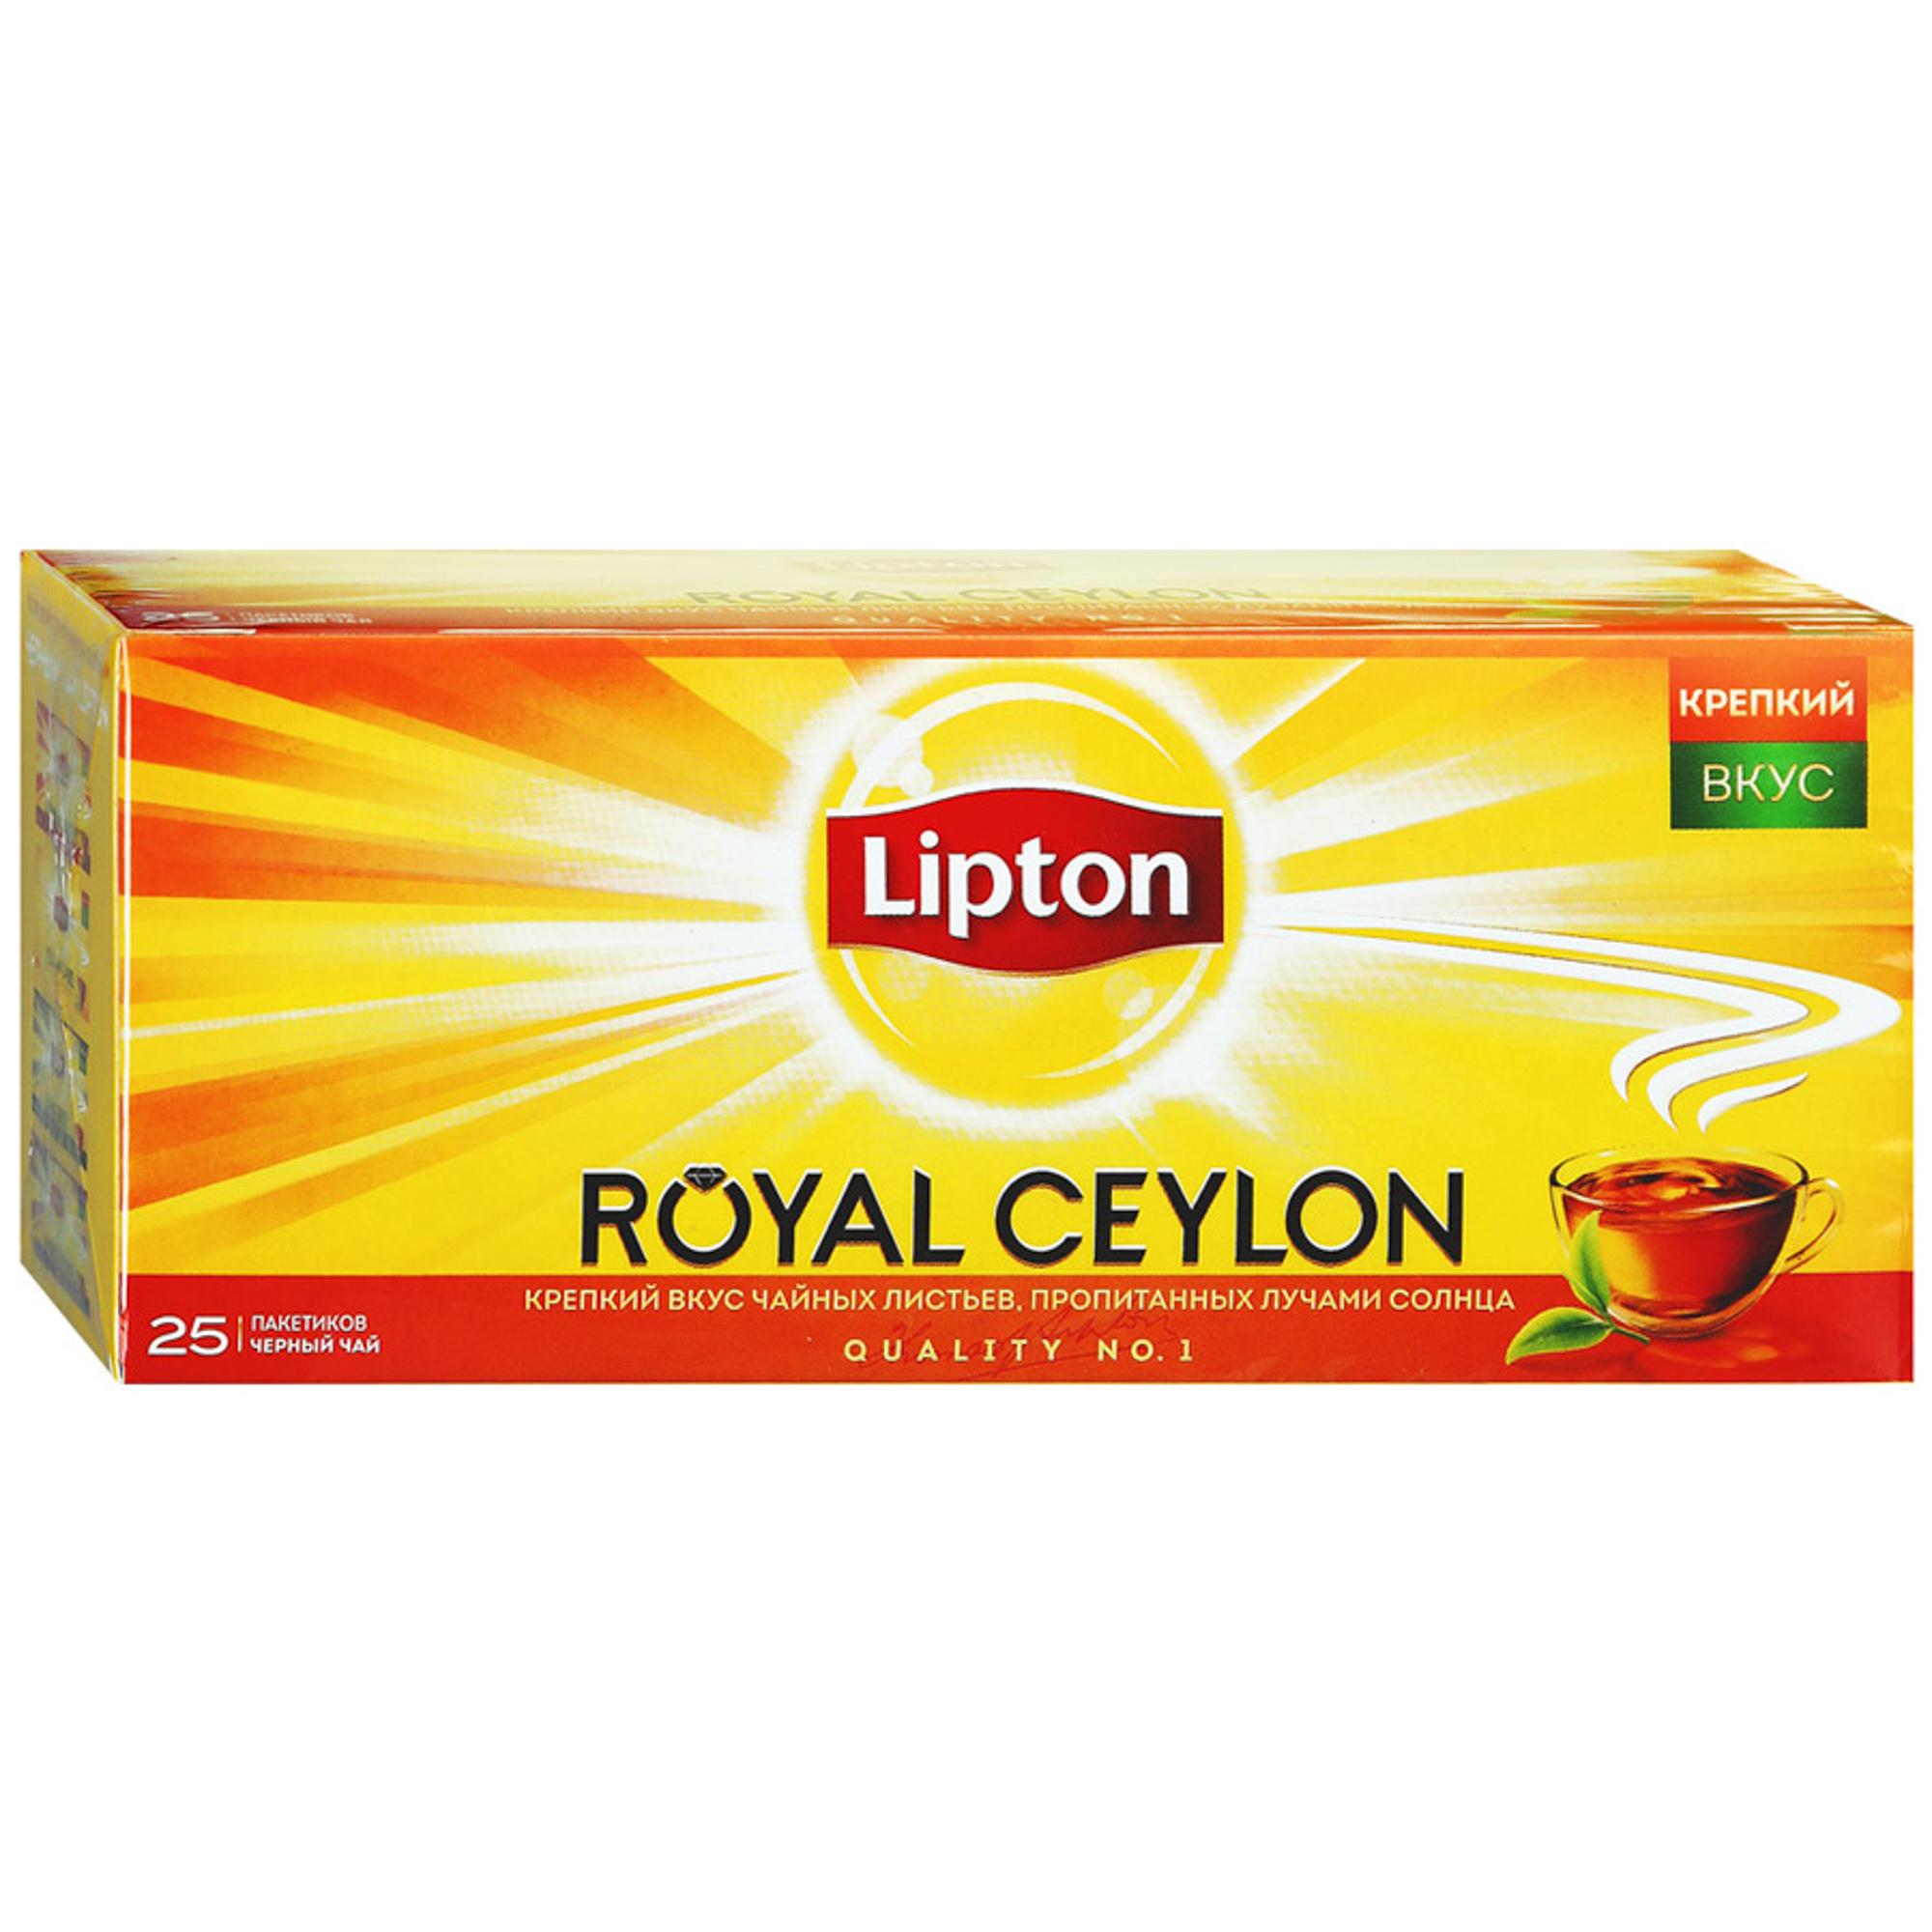 Чай черный Lipton Royal Ceylon 25 пакетиков липтон чай черный royal ceylon 25 пакетиков lipton